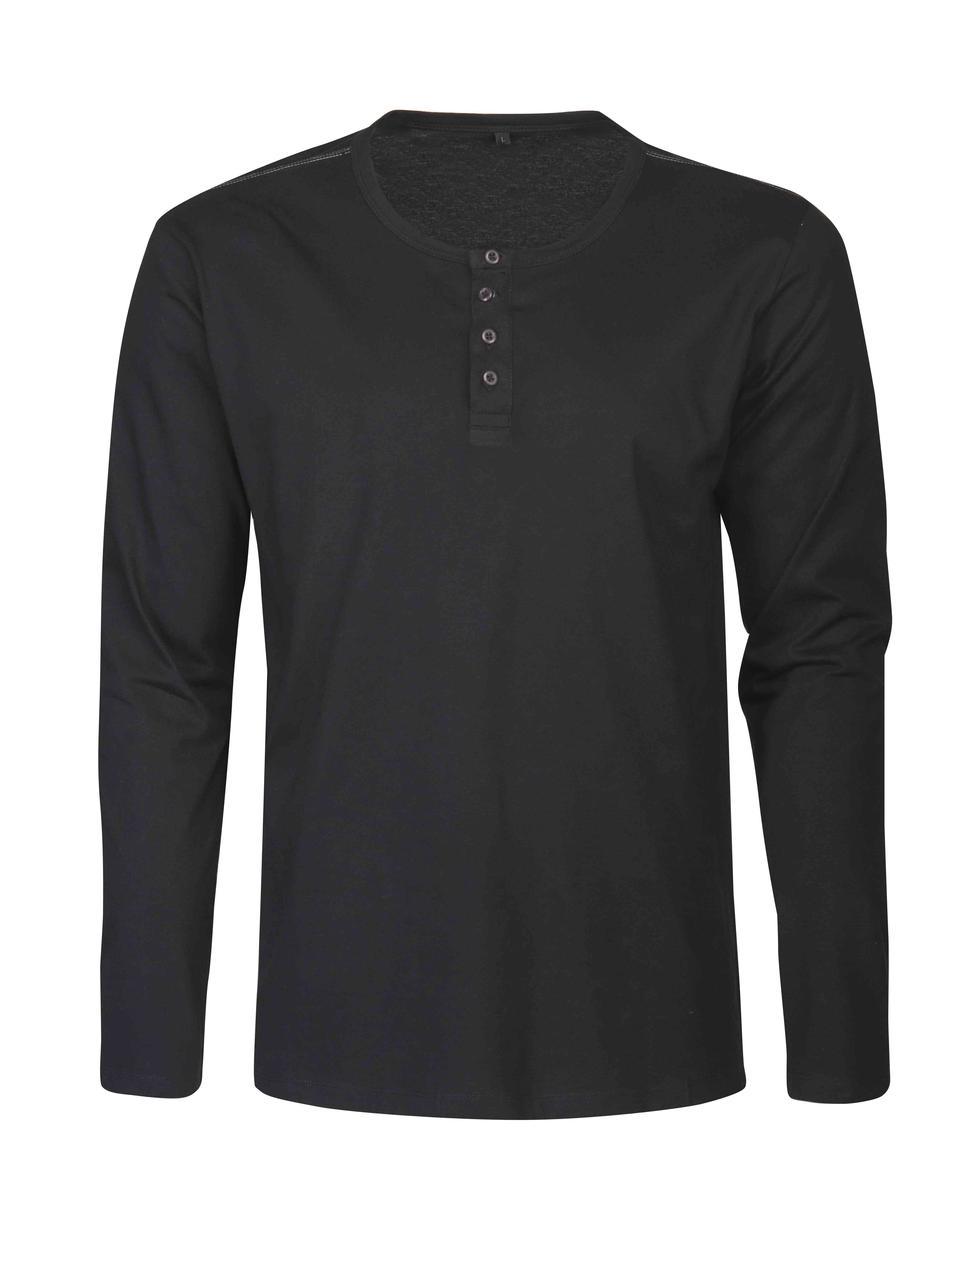 Мужская футболка  с длинным рукавом Stoneton от ТМ James Harvest (цвет черный)